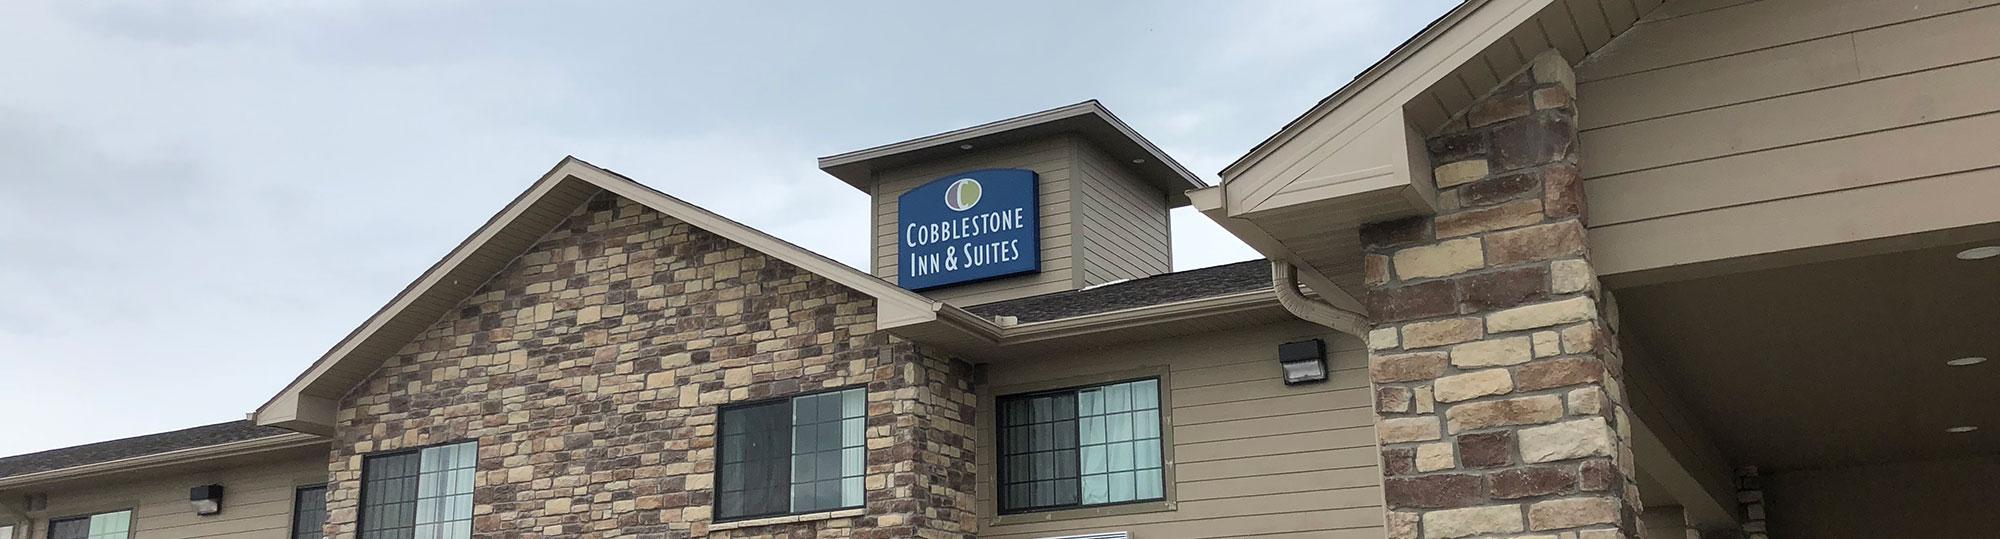 Cobblestone Inn and Suites Clarinda